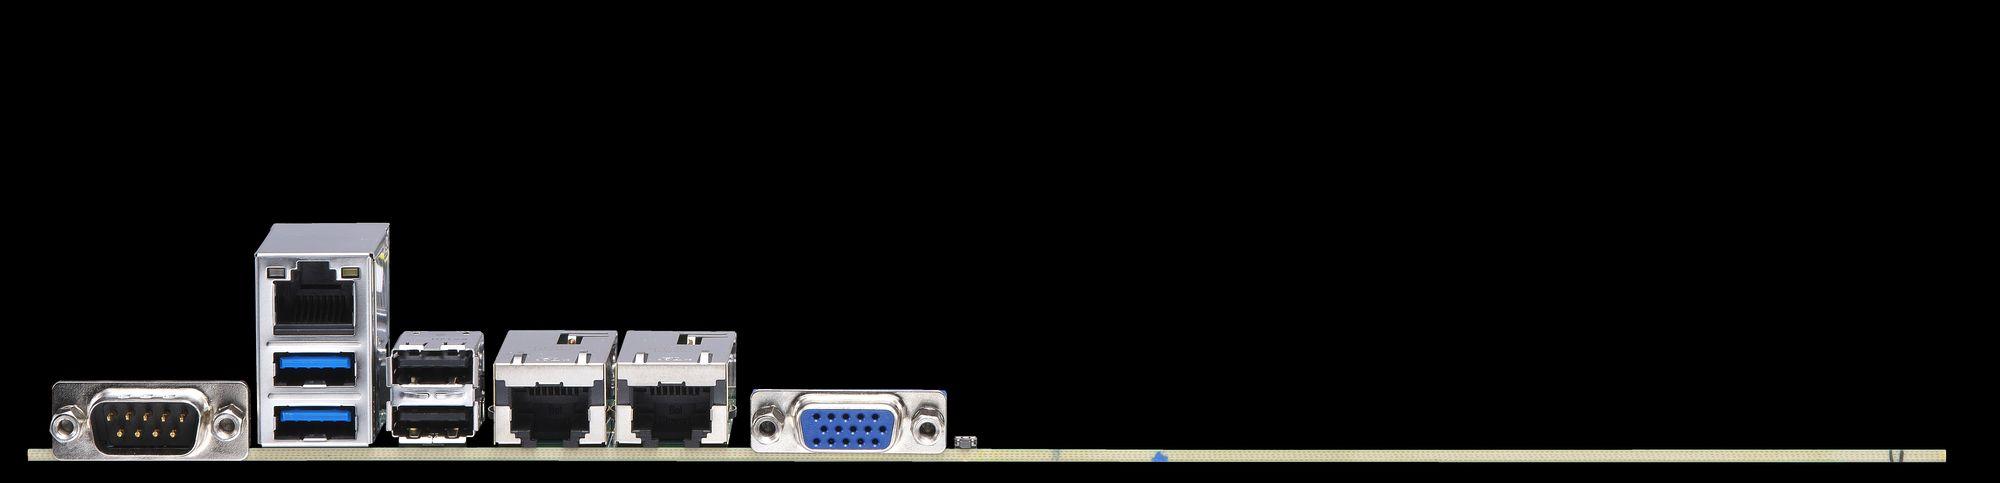 Supermicro SAD316A - Up to 16 x SATA/SAS 2 5/3 5